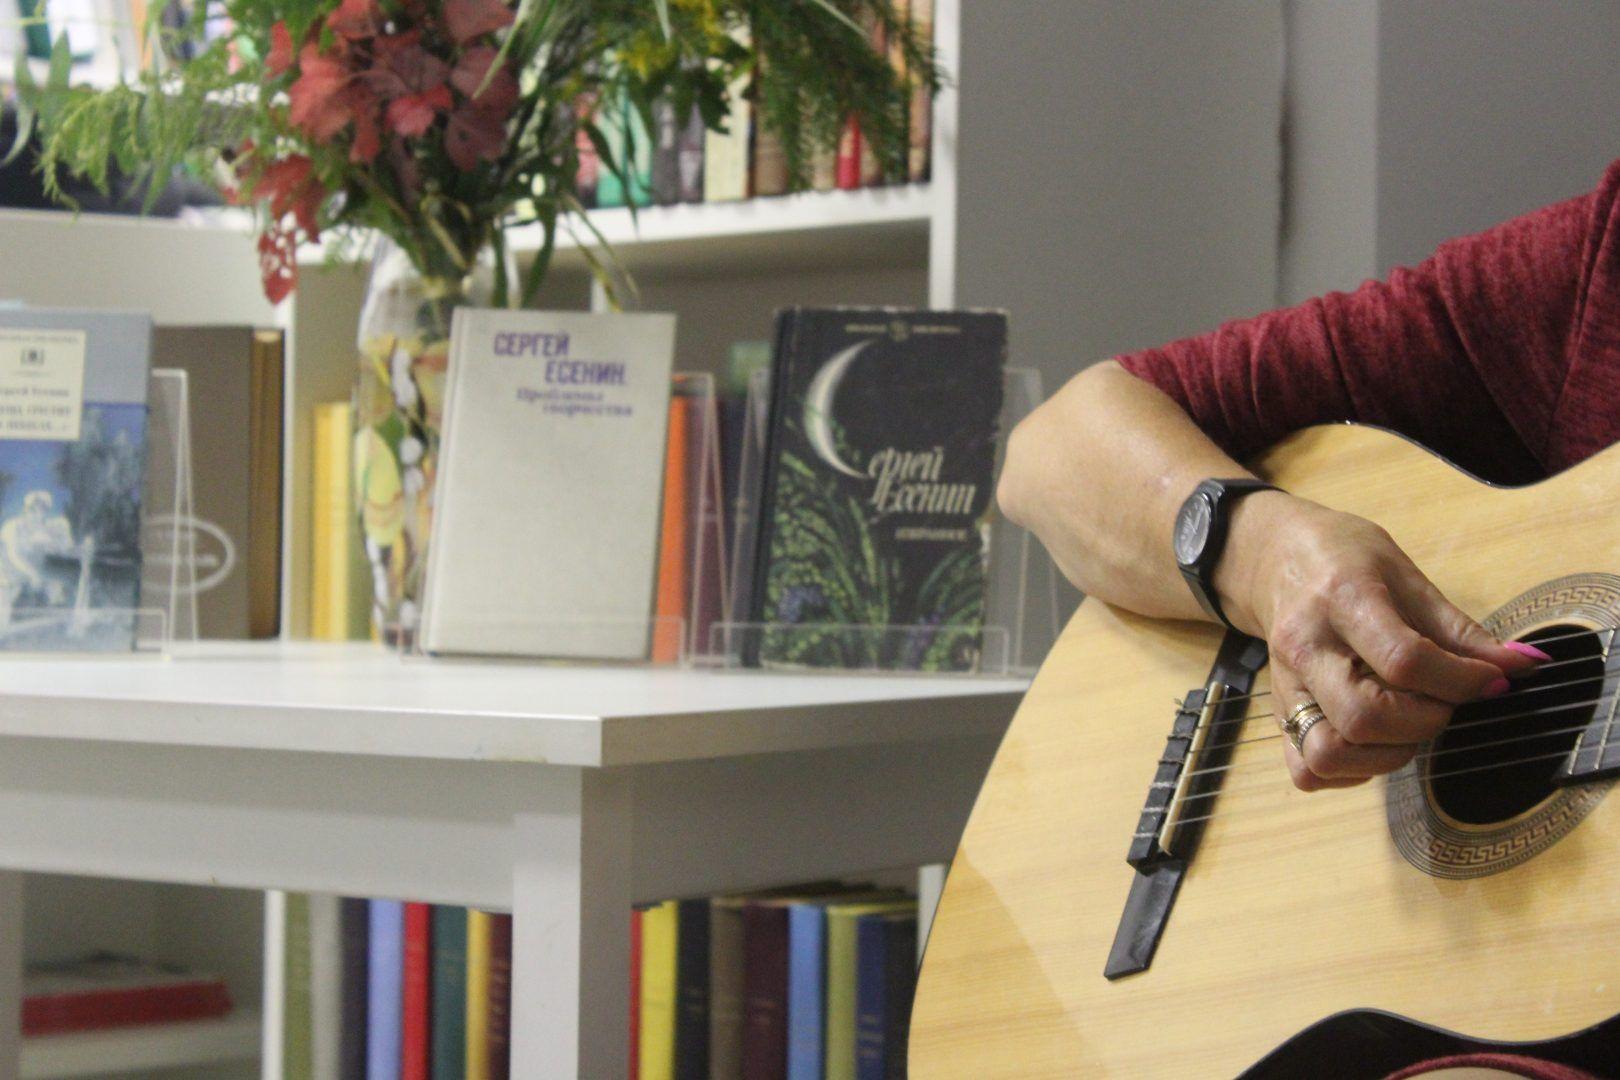 Литературно-музыкальный вечер по творчеству Сергея Есенина. Фото: Кристина Дегтярева